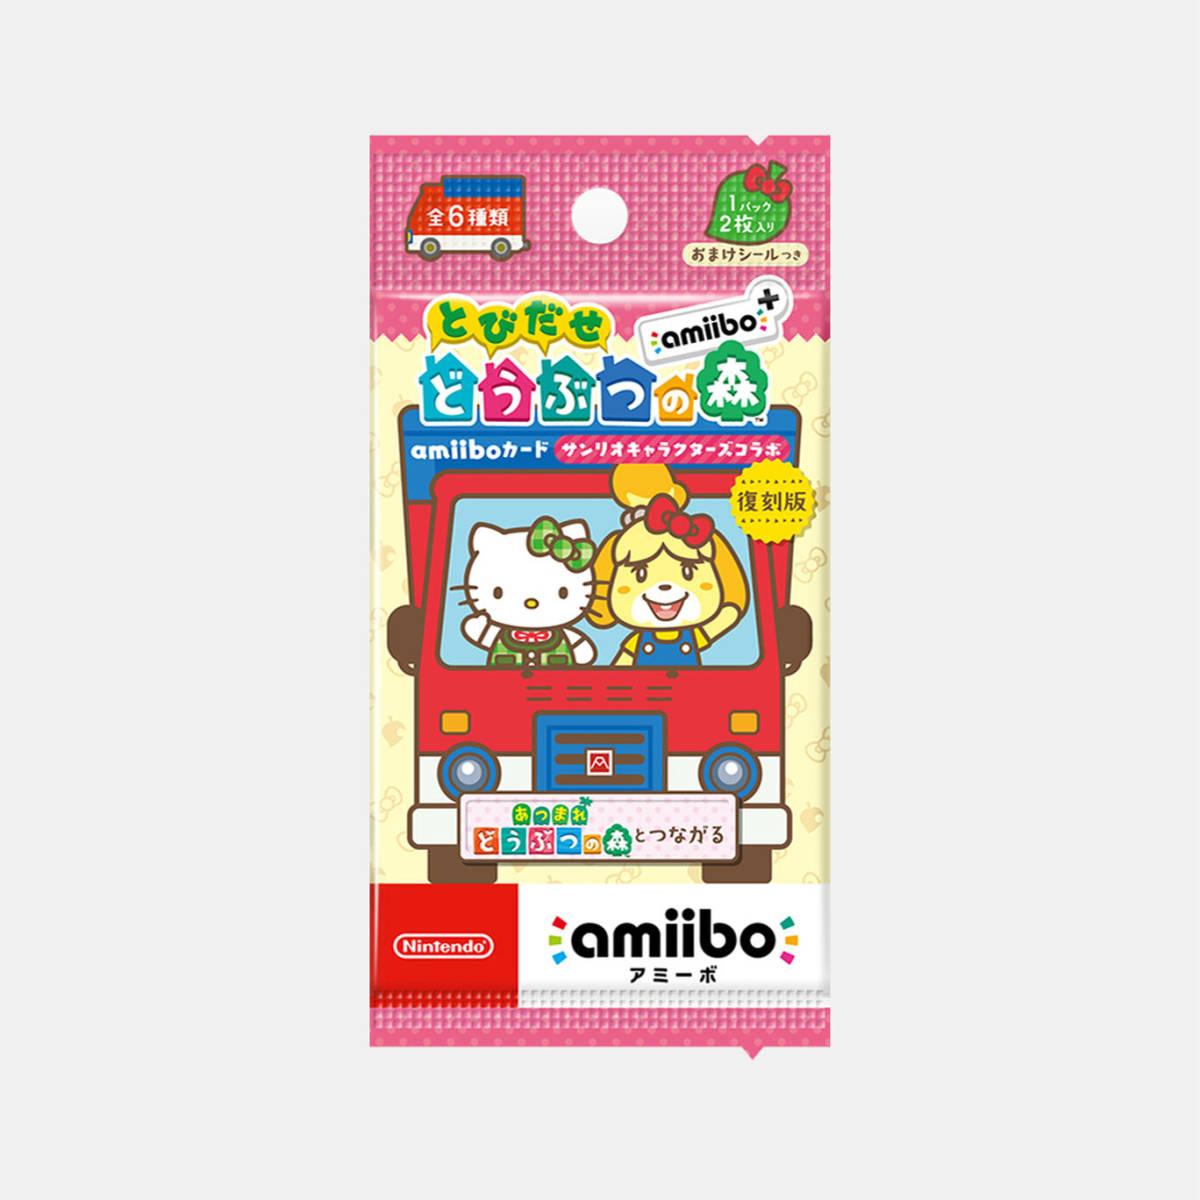 新品未開封 とびだせ どうぶつの森 amiibo+ amiiboカード サンリオキャラクターズコラボ_画像1